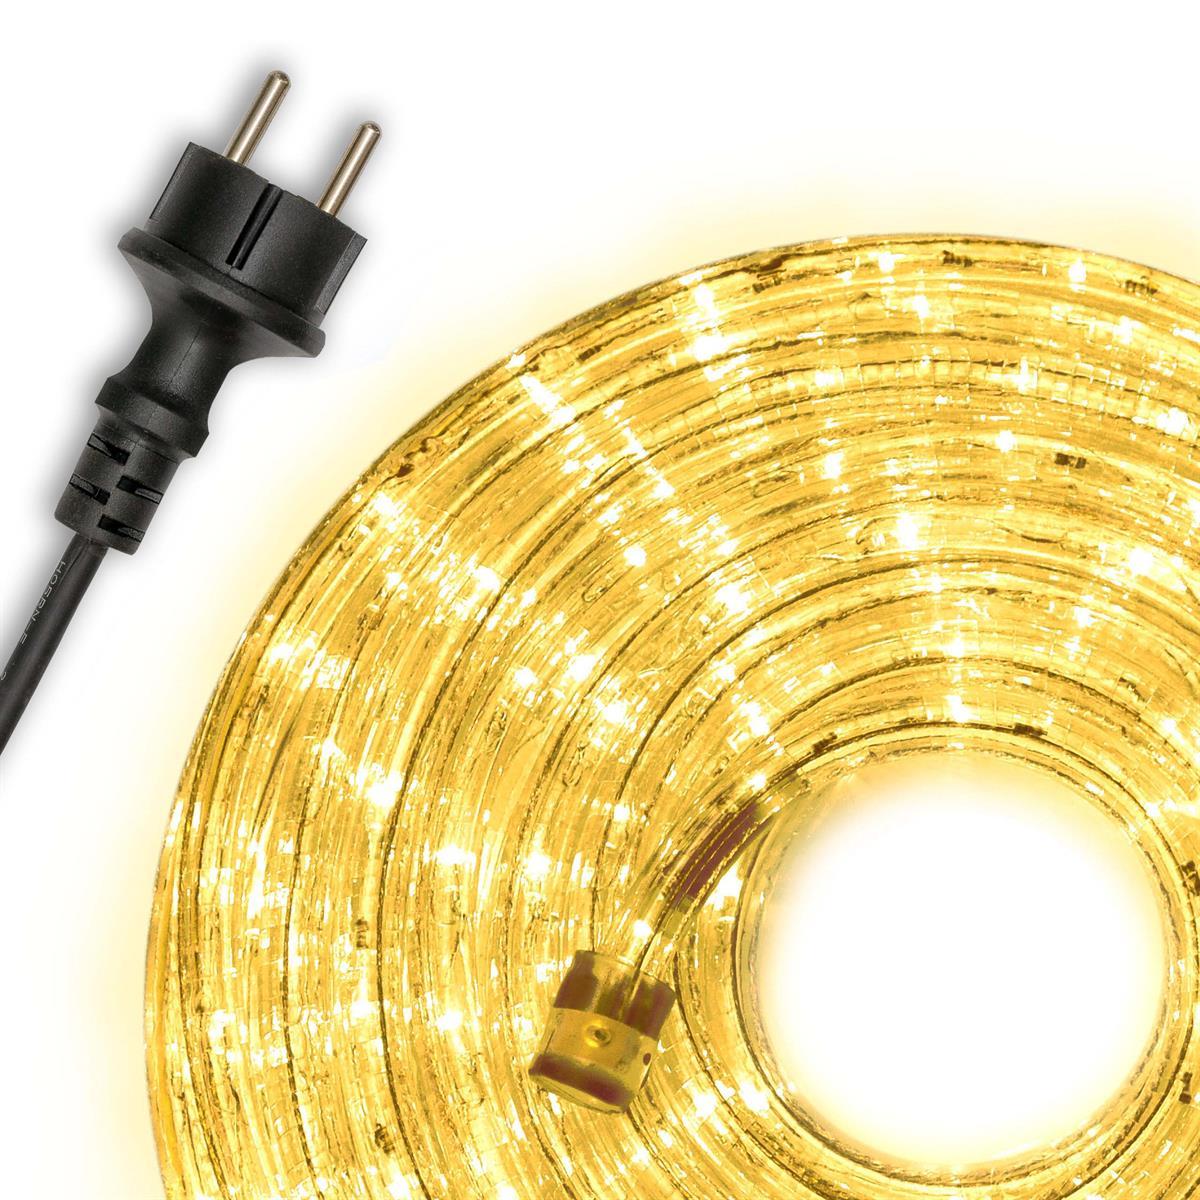 20m LED Lichterschlauch Lichtschlauch gelb Lichterkette Energiespar Weihnacht